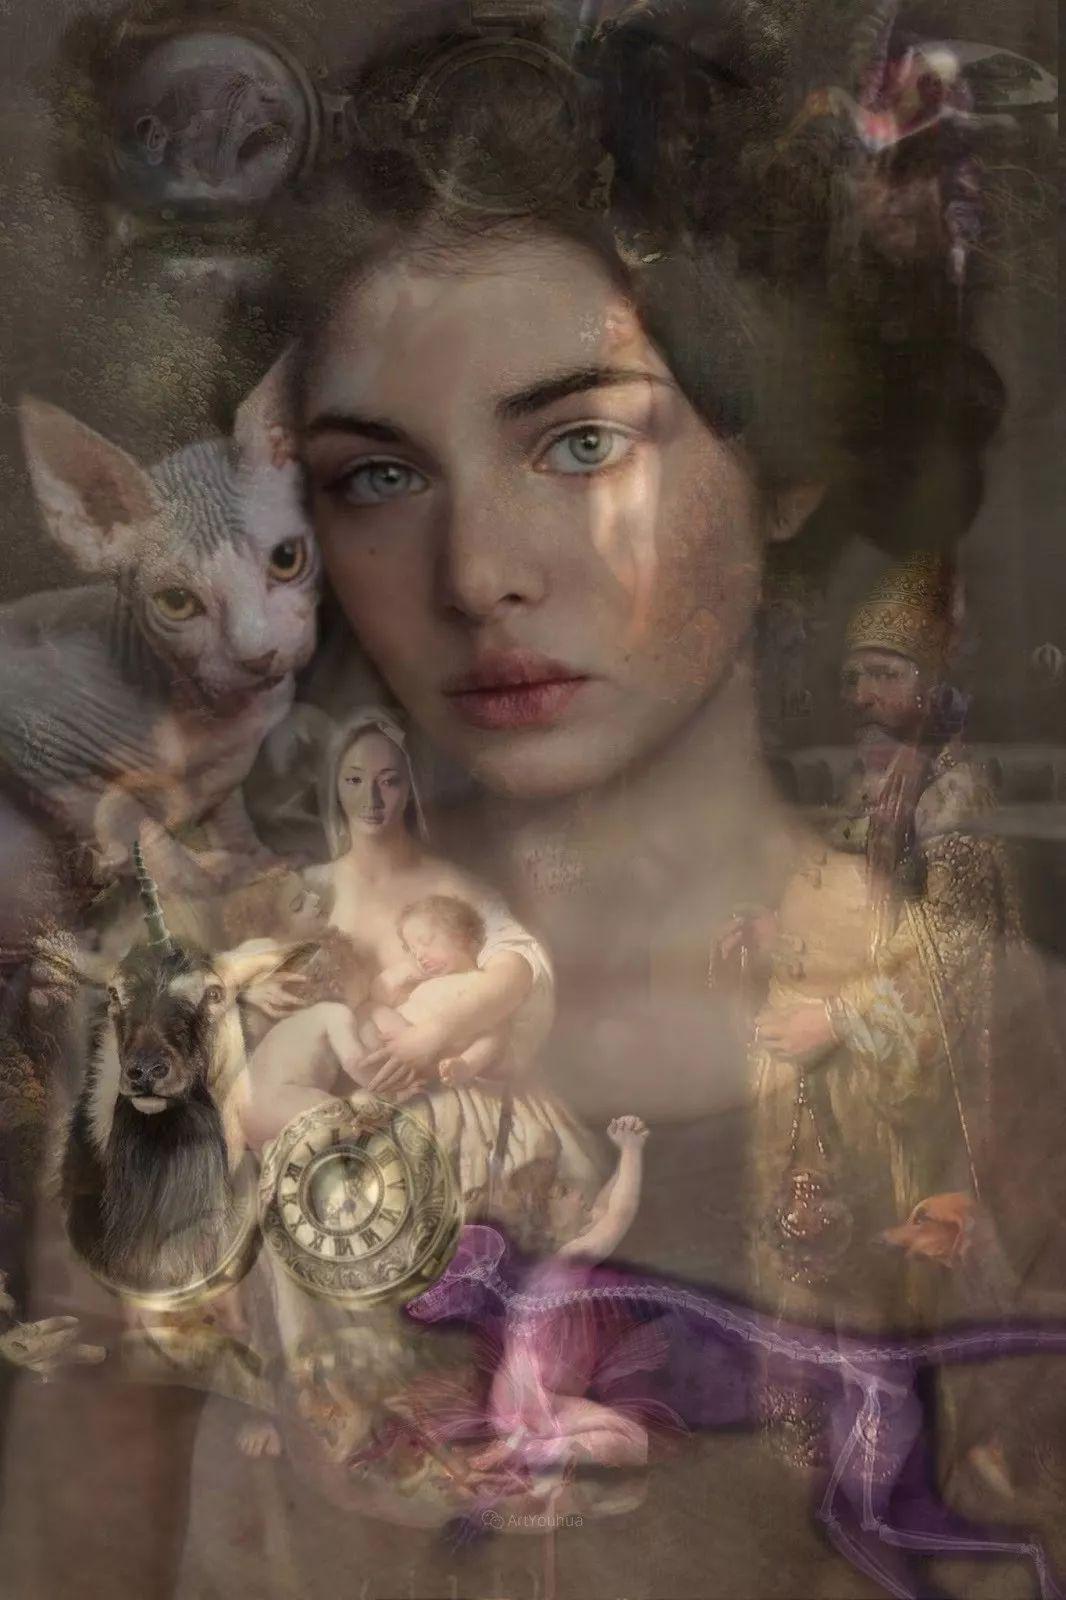 传统绘画与后现代元素的结合,英国画家伊娃·特洛伊插图1